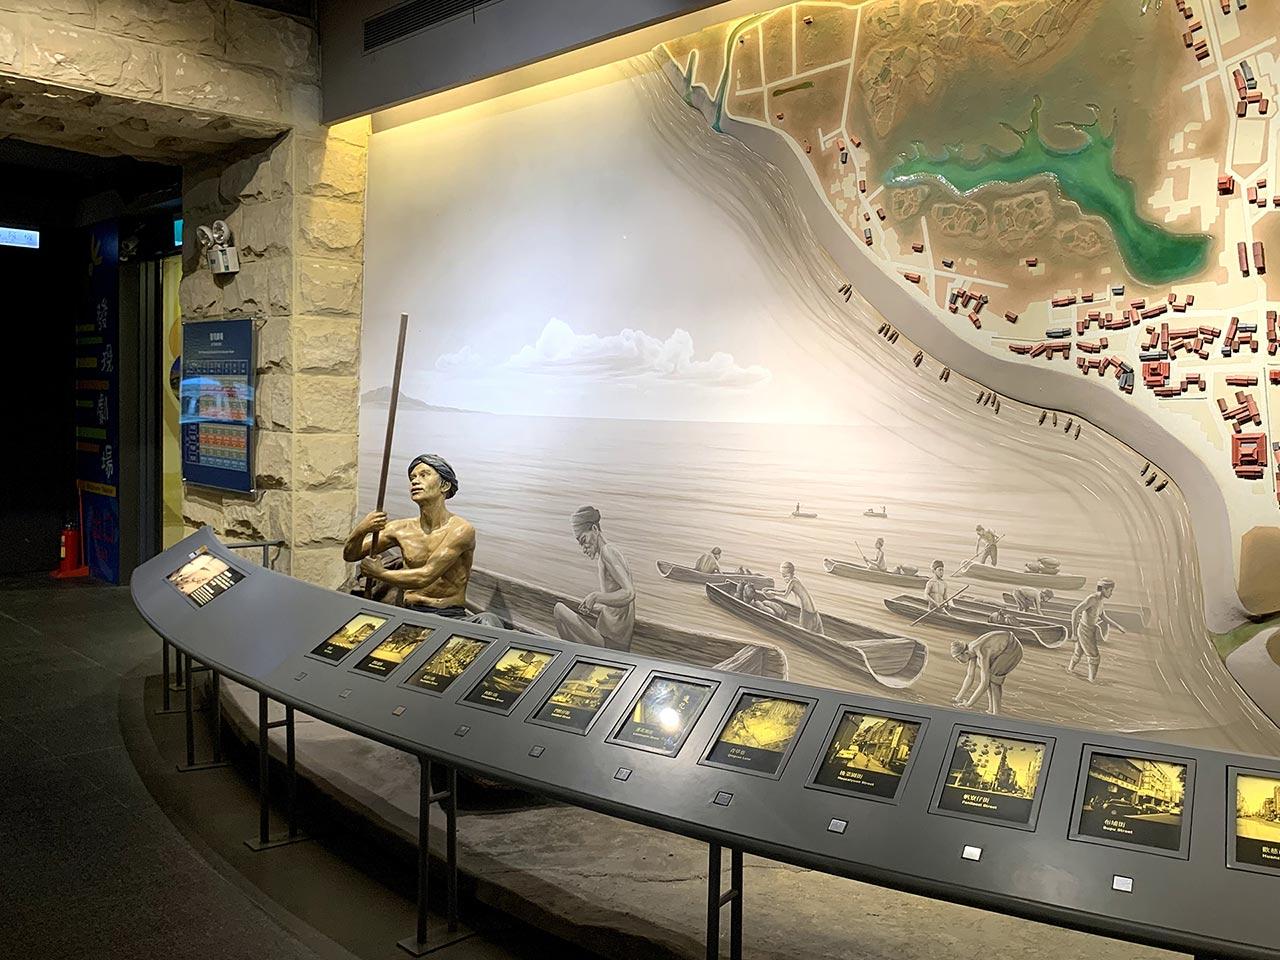 台北探索館の展示エリア